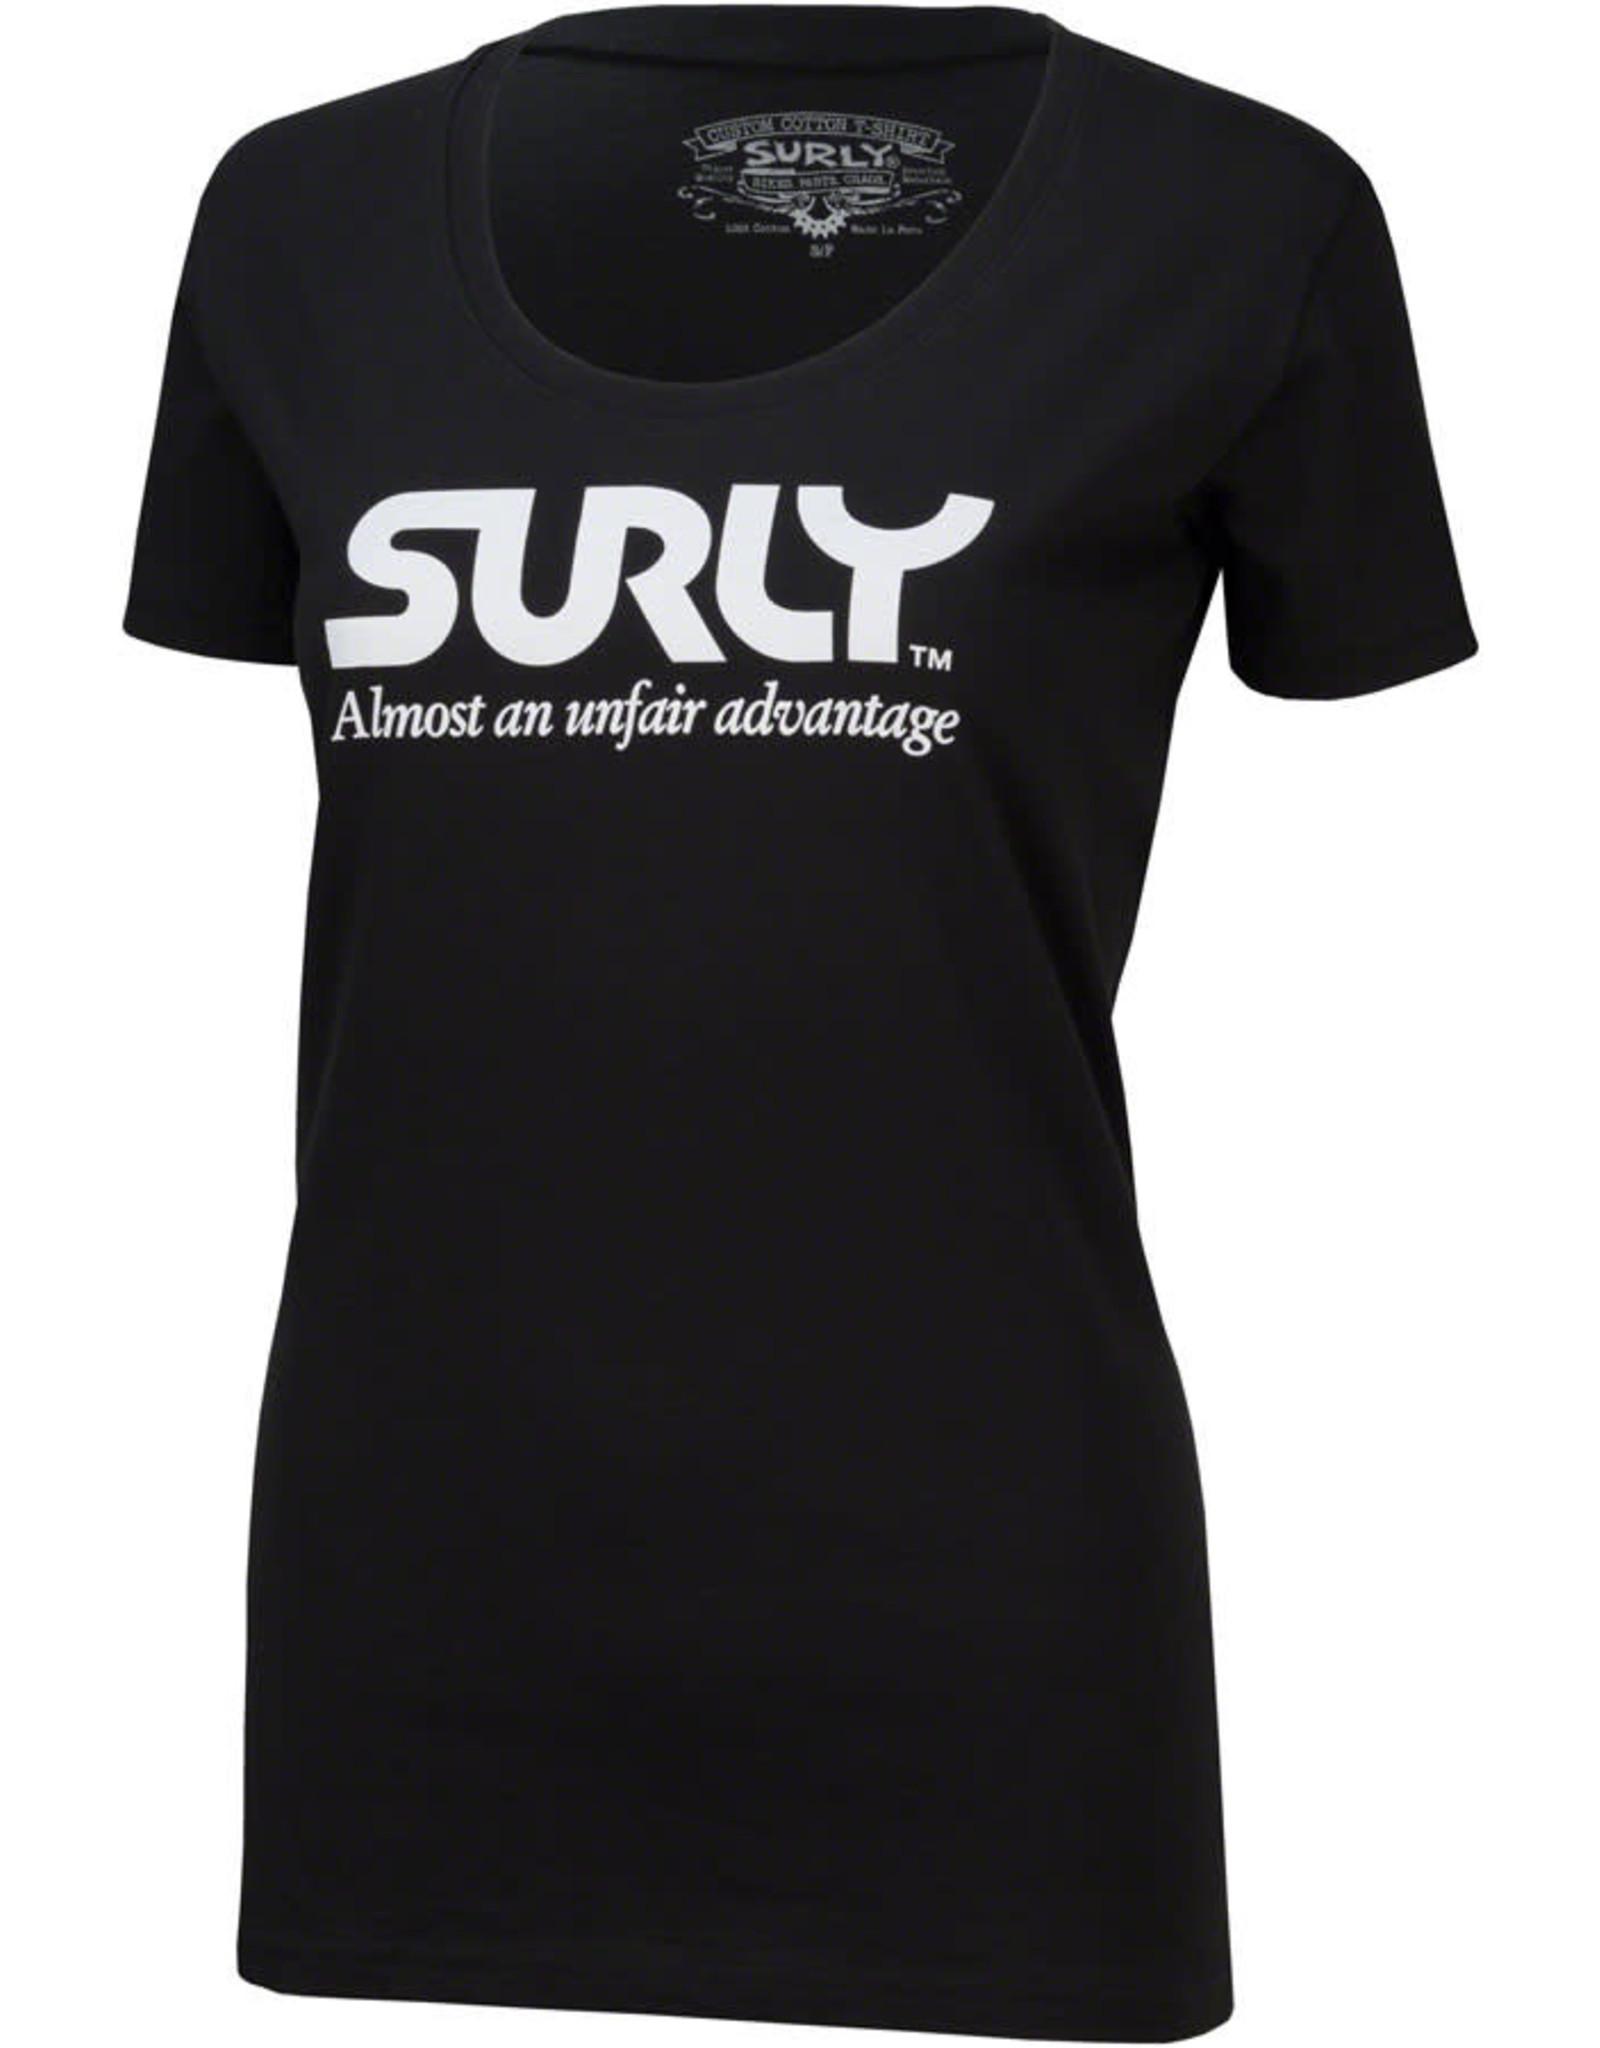 Surly Surly Women's Unfair Advantage T-Shirt